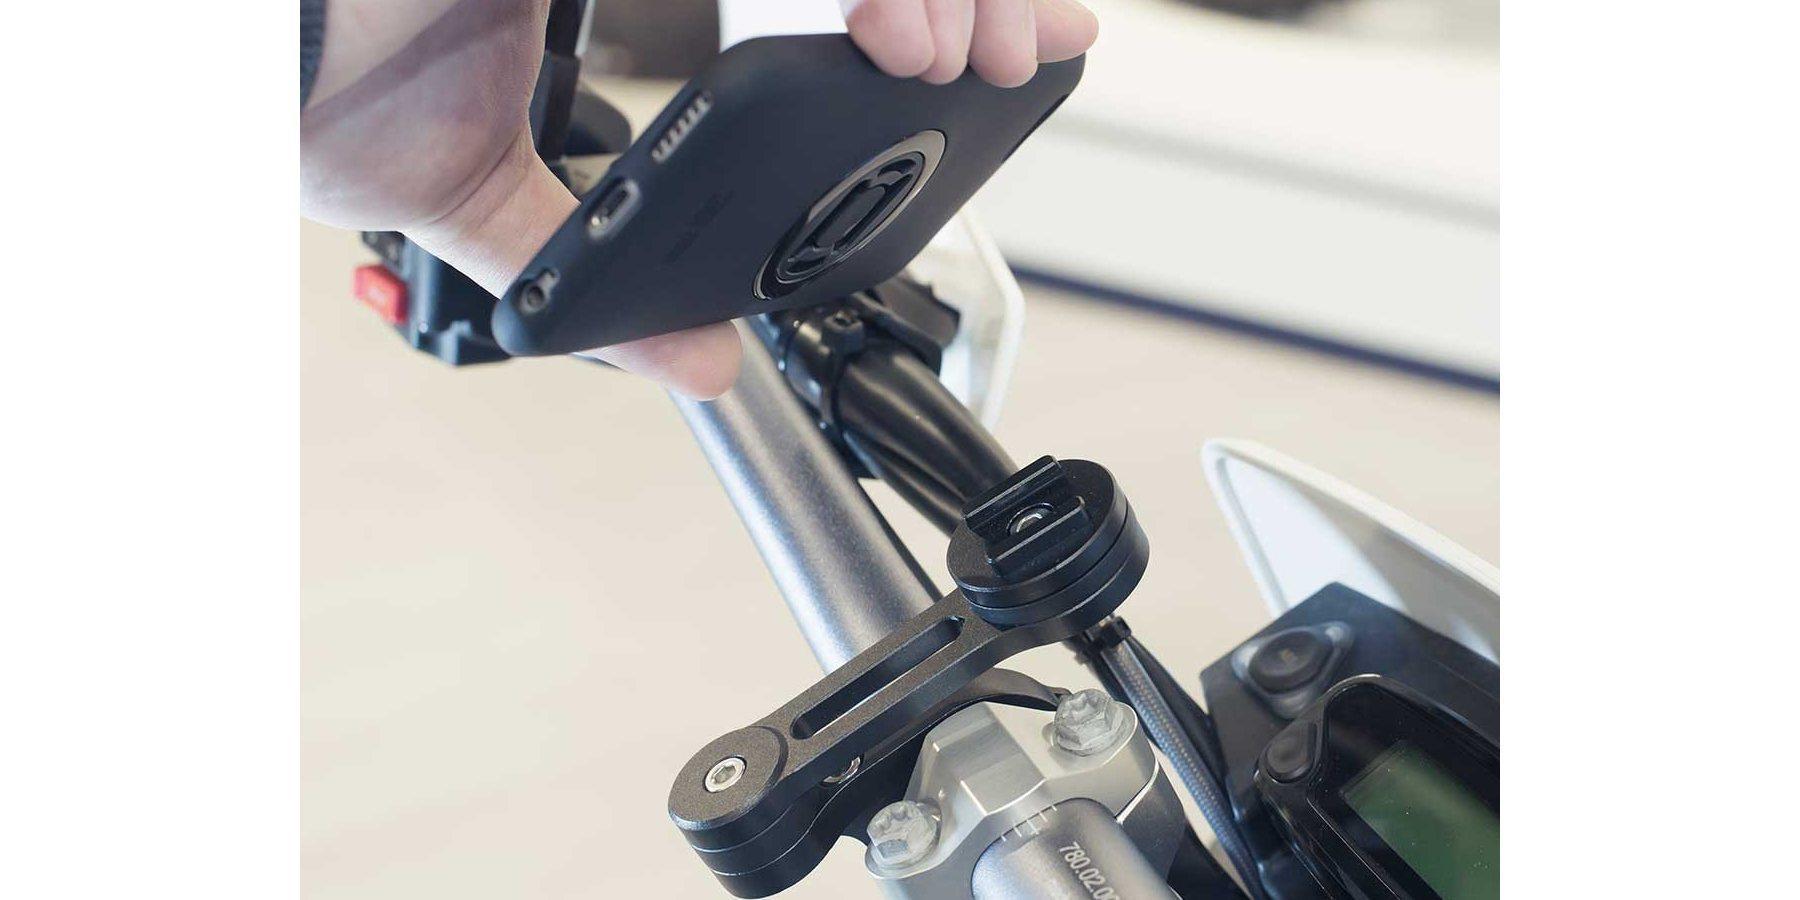 Крепление для смартфона на мотоцикл SP Moto Mount Pro установка смартфона